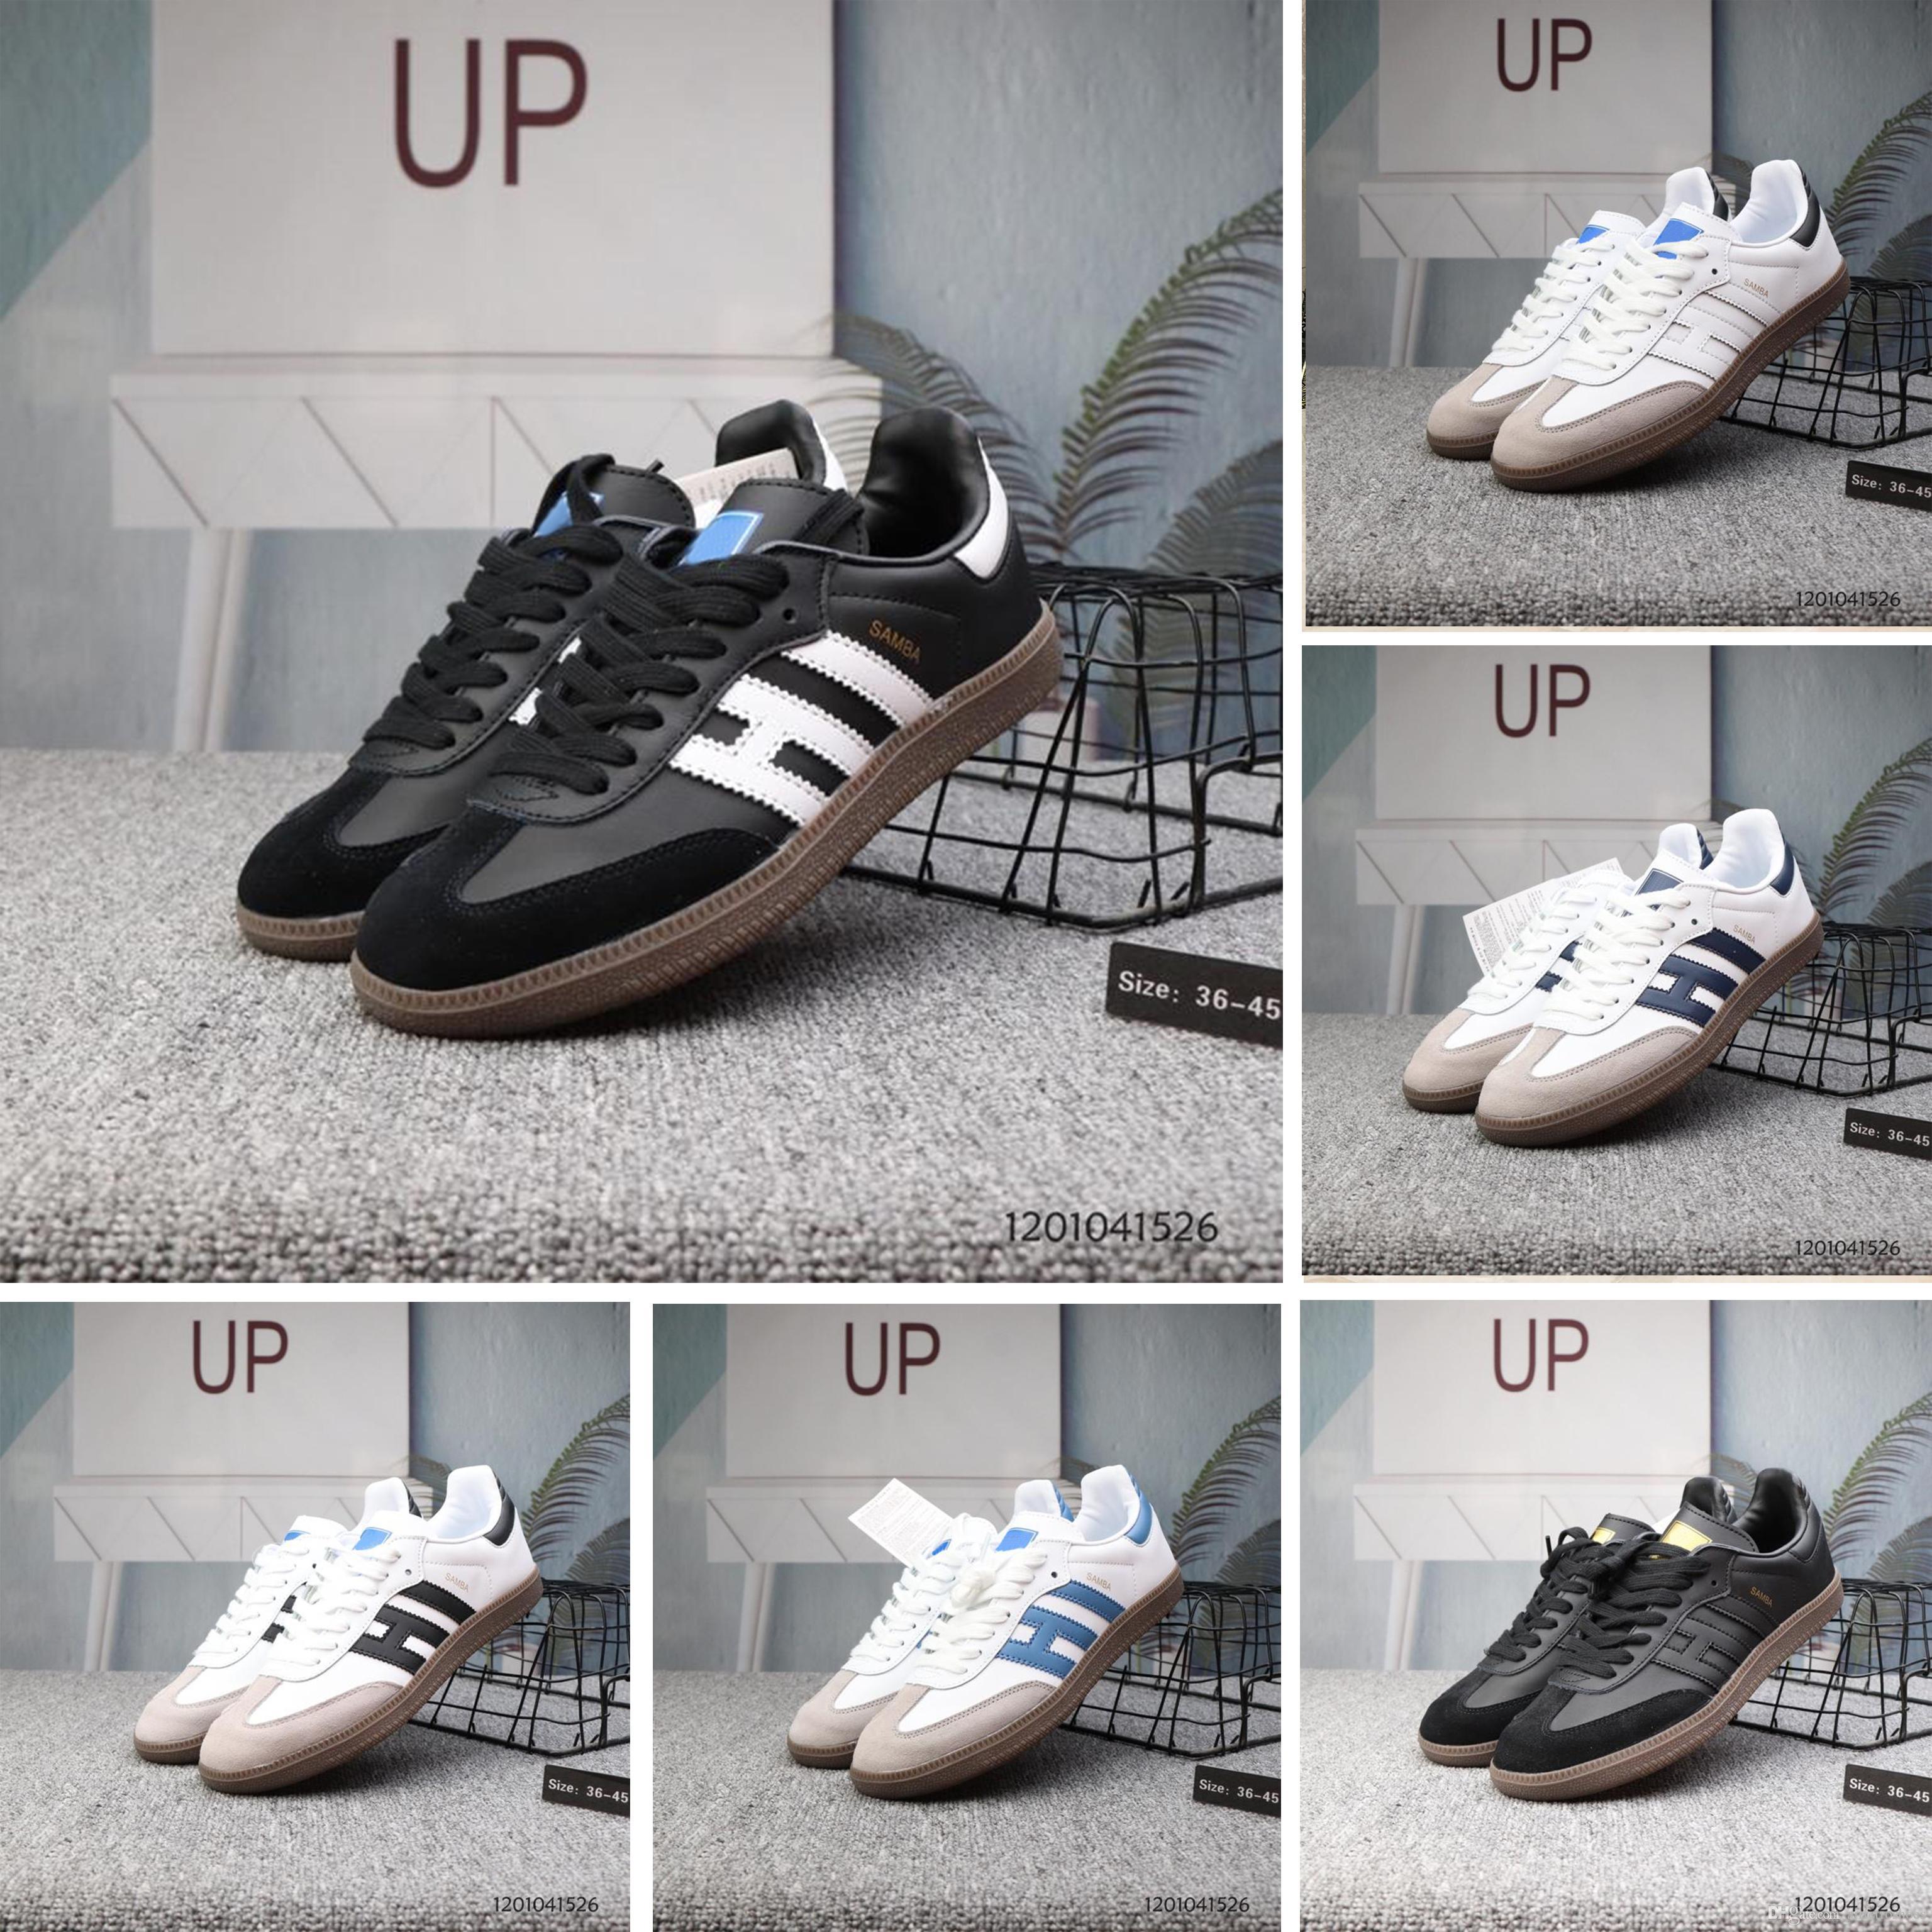 2019 novos formadores de samba mens sapatos casuais designer de moda da marca gazela de couro og preto branco rosa homens runner das mulheres sapatilhas calçados esportivos